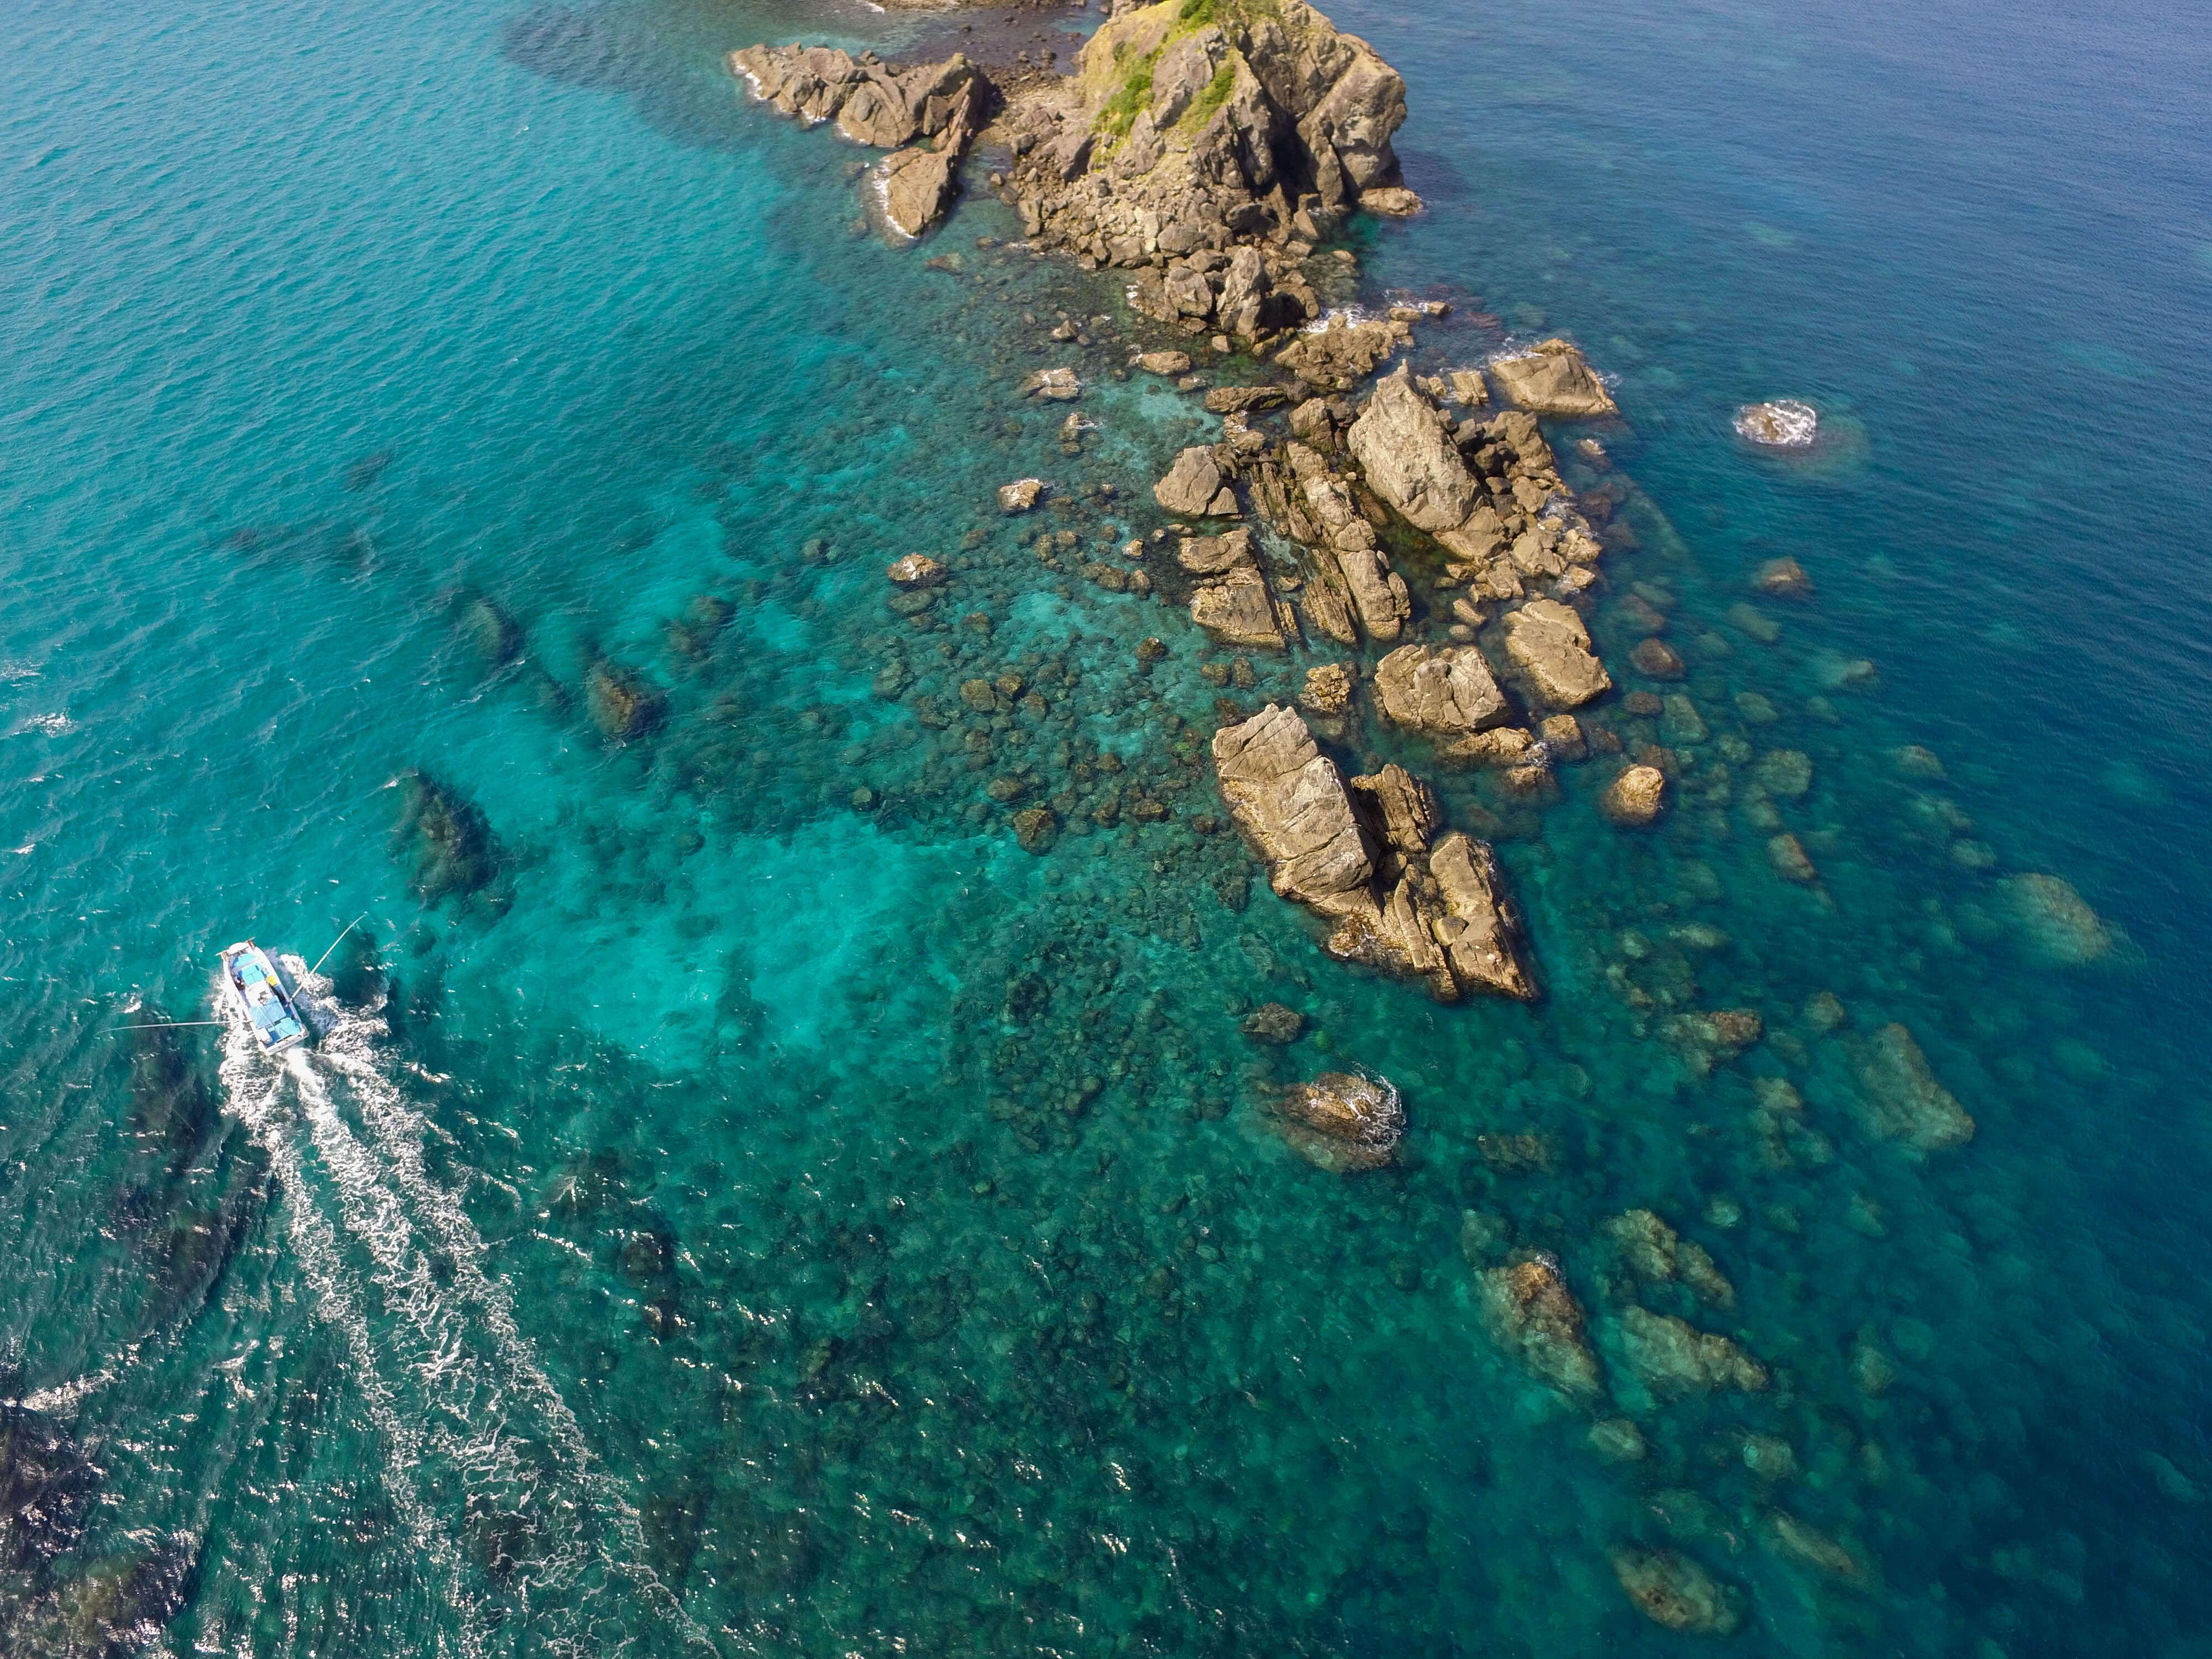 亀ヶ丘の右手に見える坊津秋目の海 これはドローンで撮影したものだ